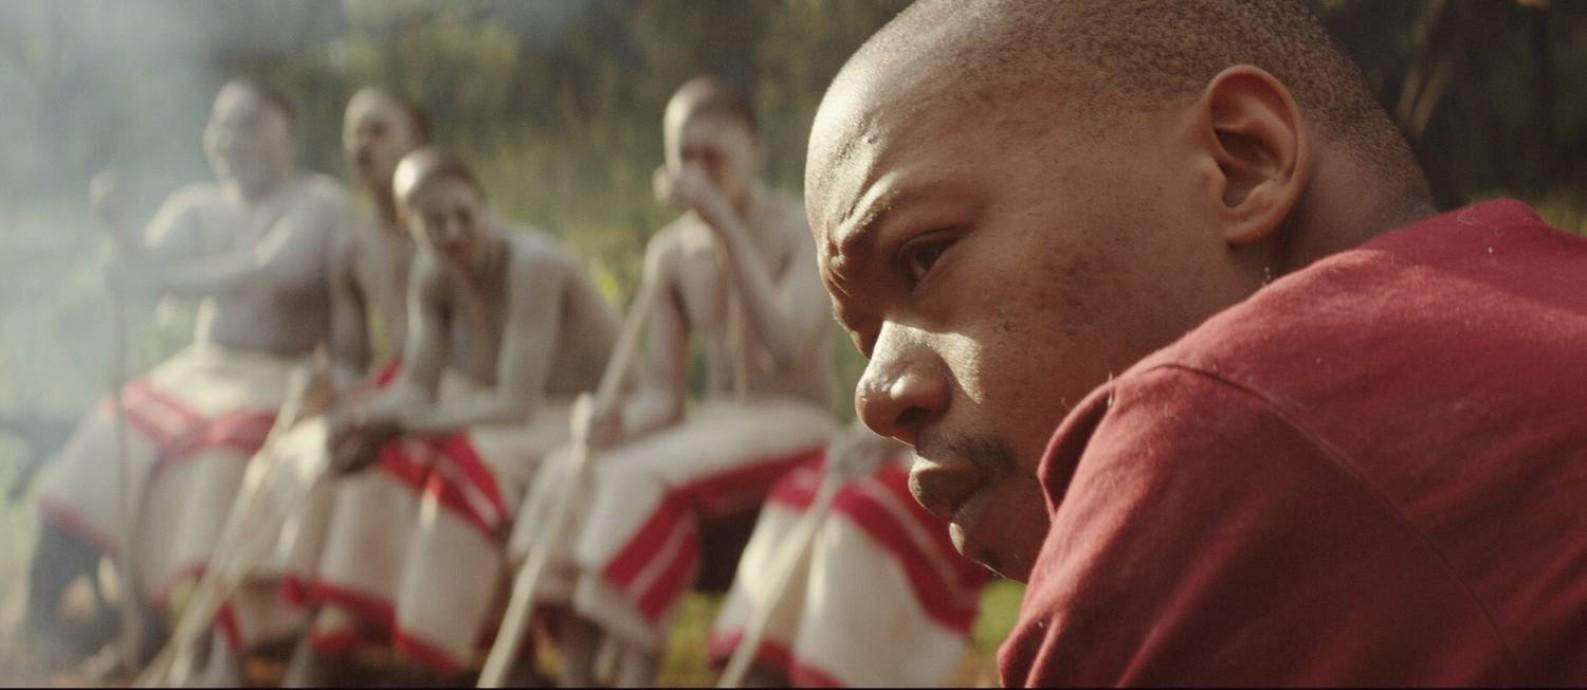 Cena do filme 'Os iniciados' Foto: Divulgação / Divulgação